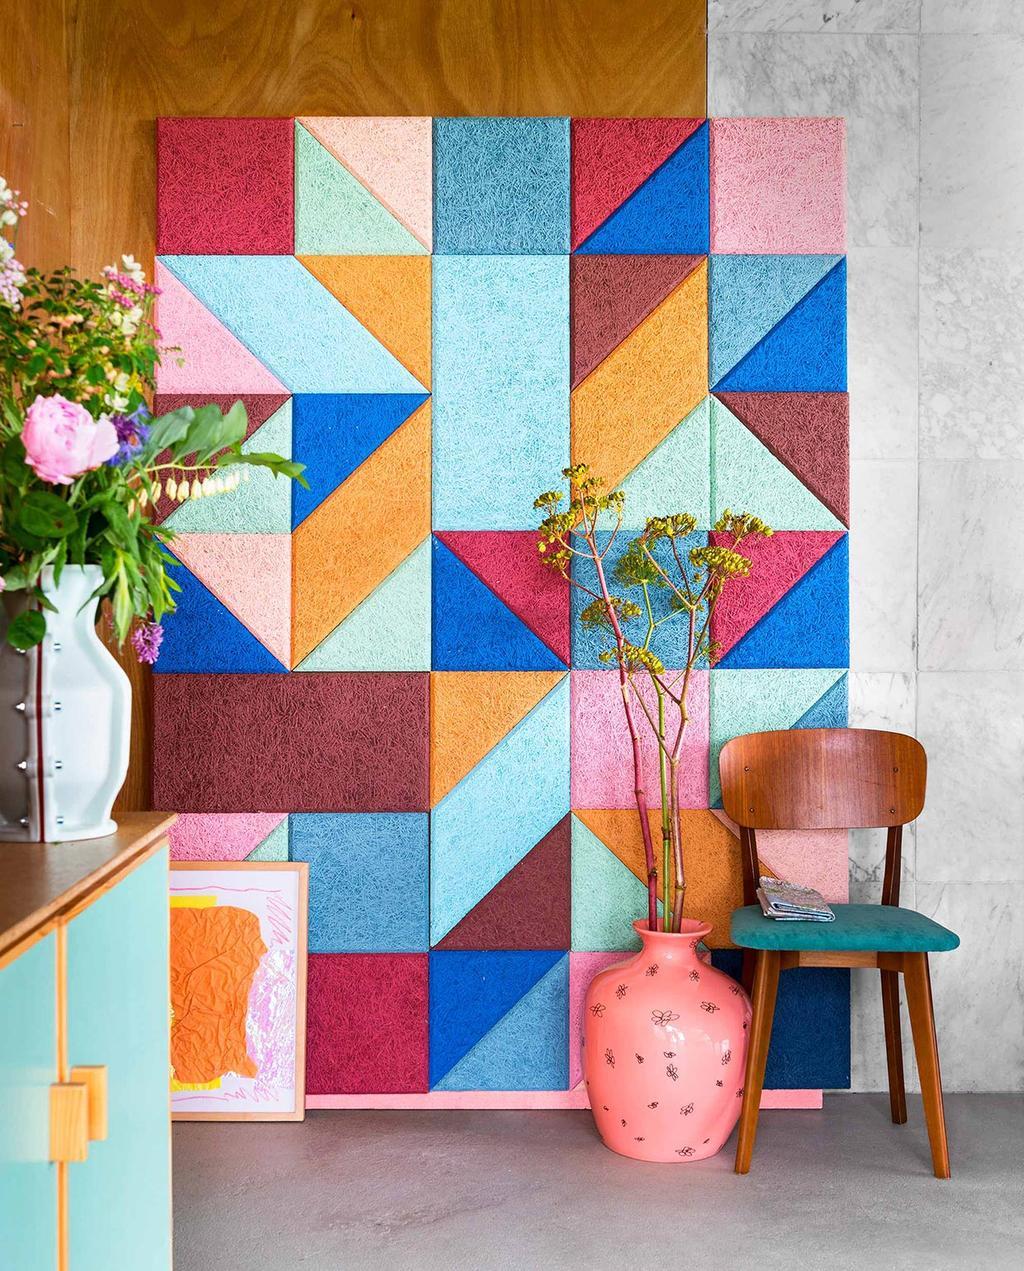 vtwonen 08-2016   kleurrijk geometrisch paneel op muur